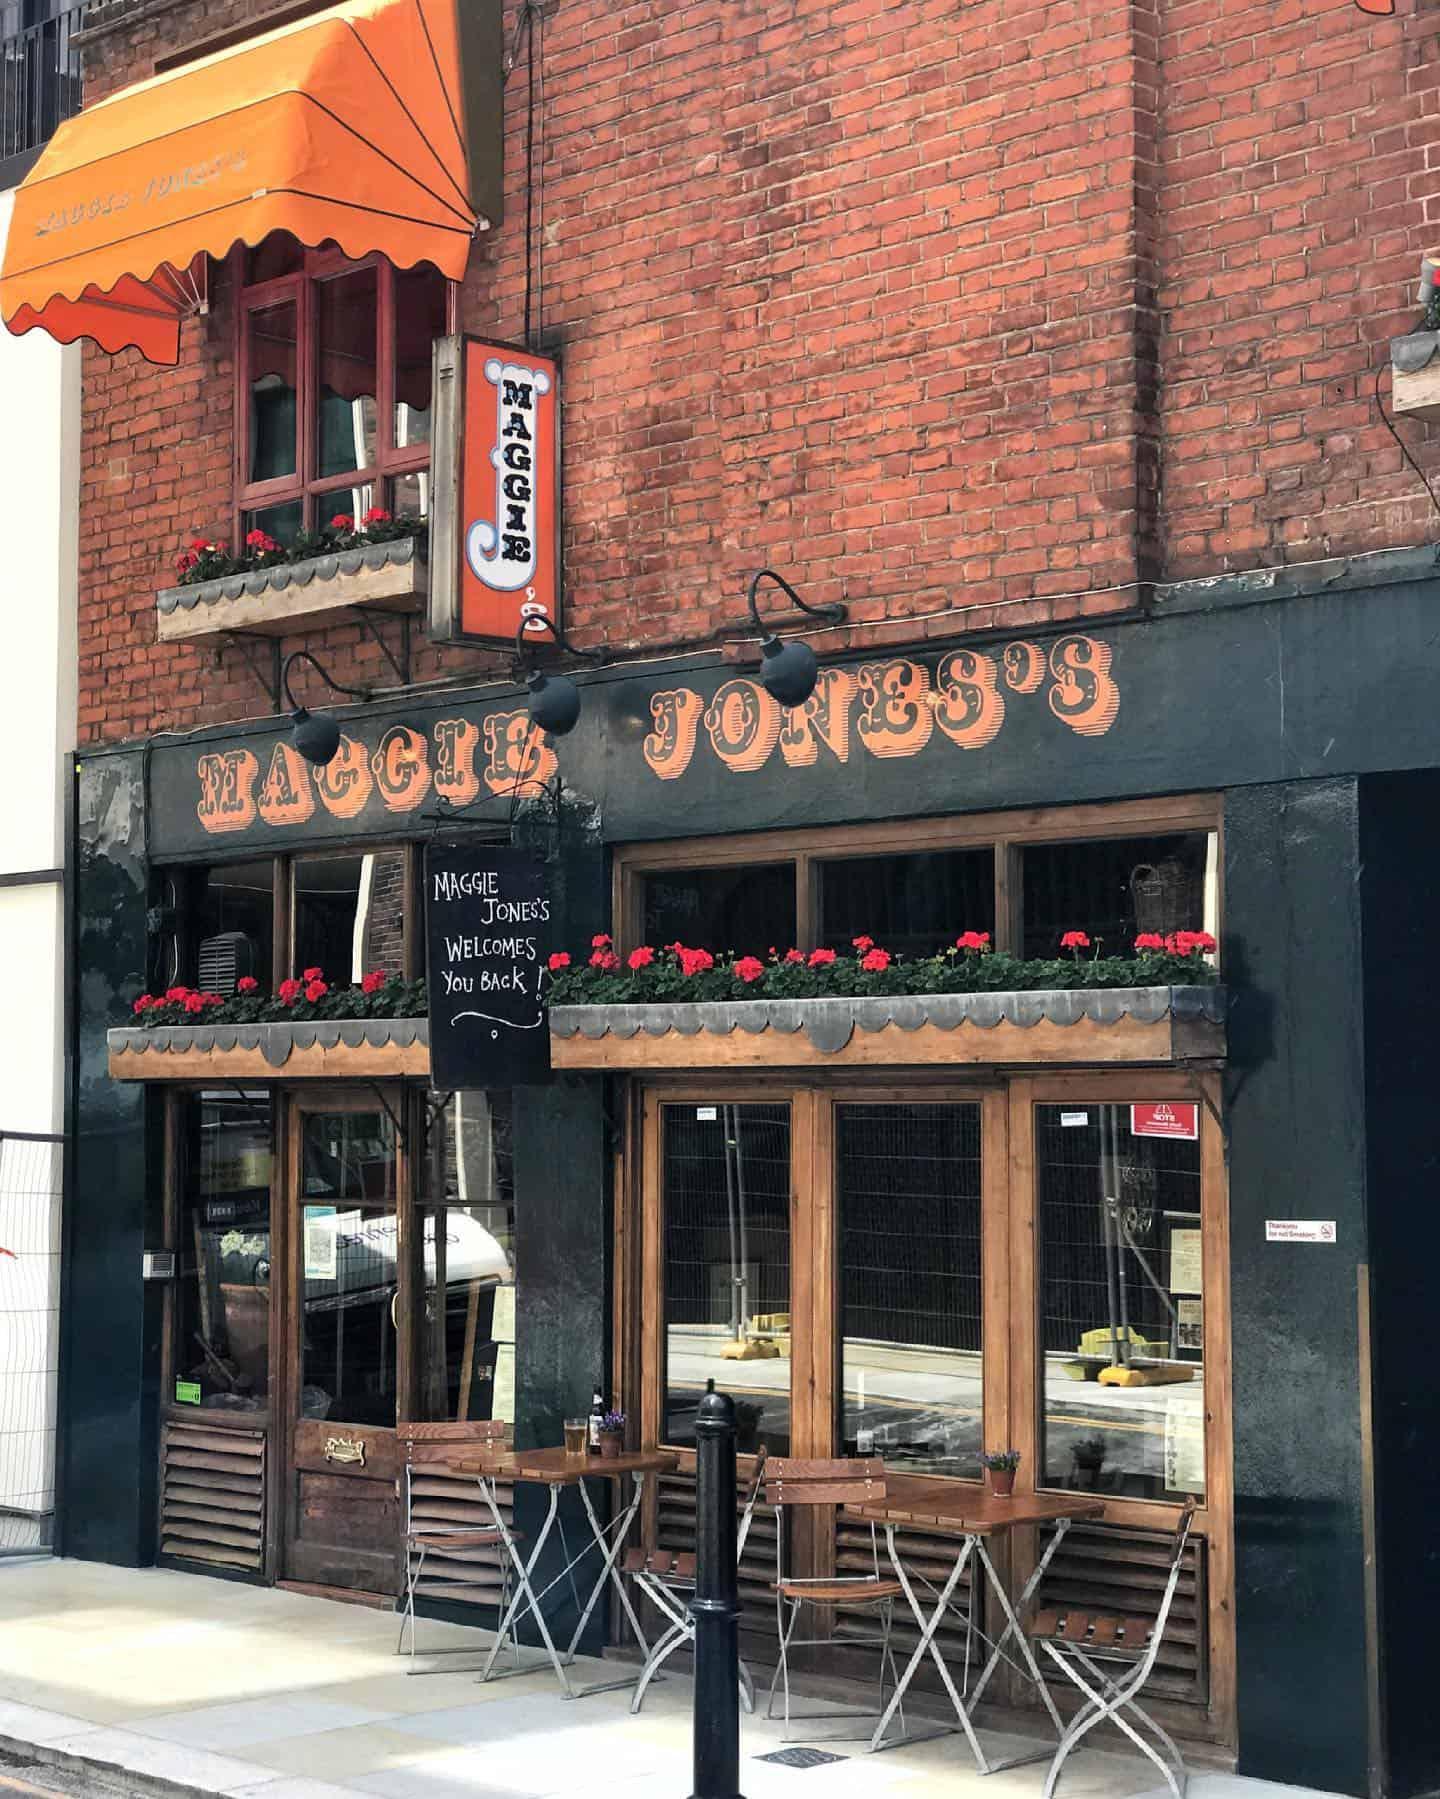 Maggie Jones's London